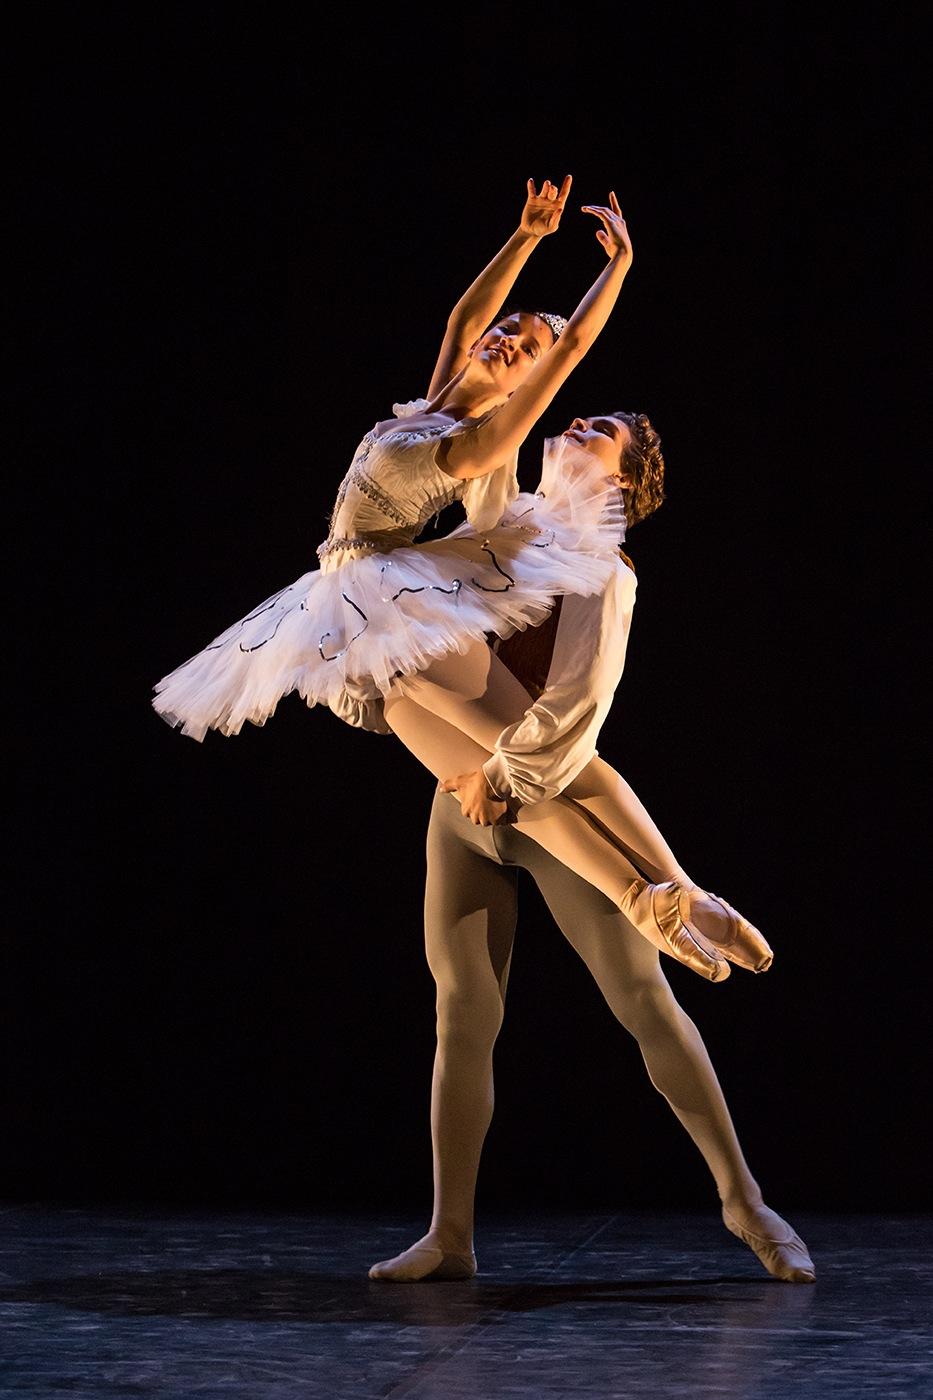 Danseurs classique vertical DATC